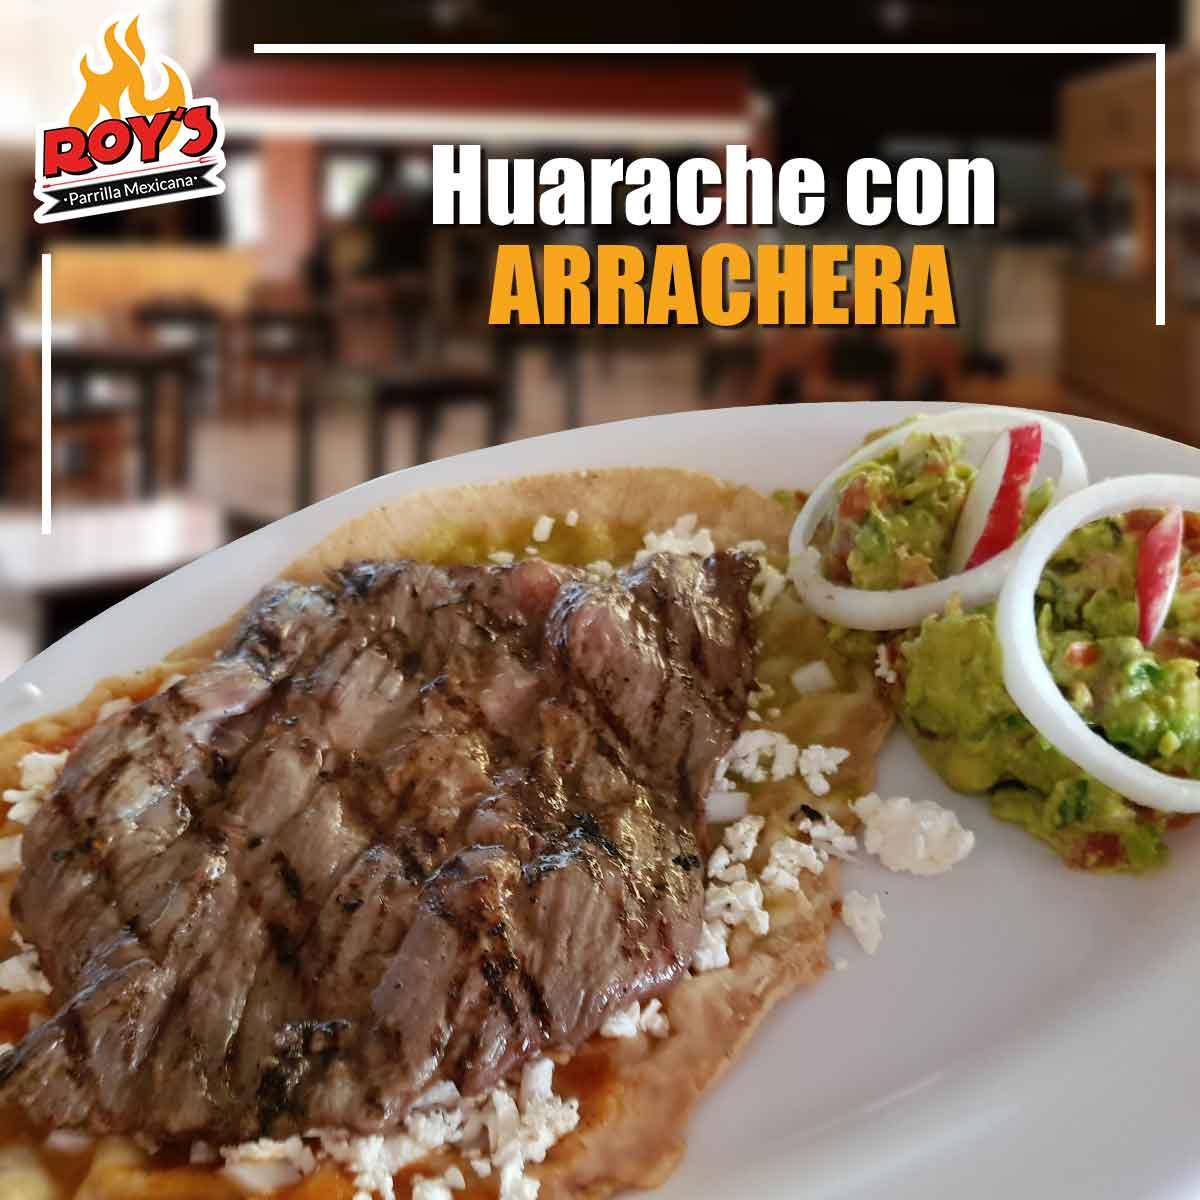 Huarache con Arrachera 150gr.